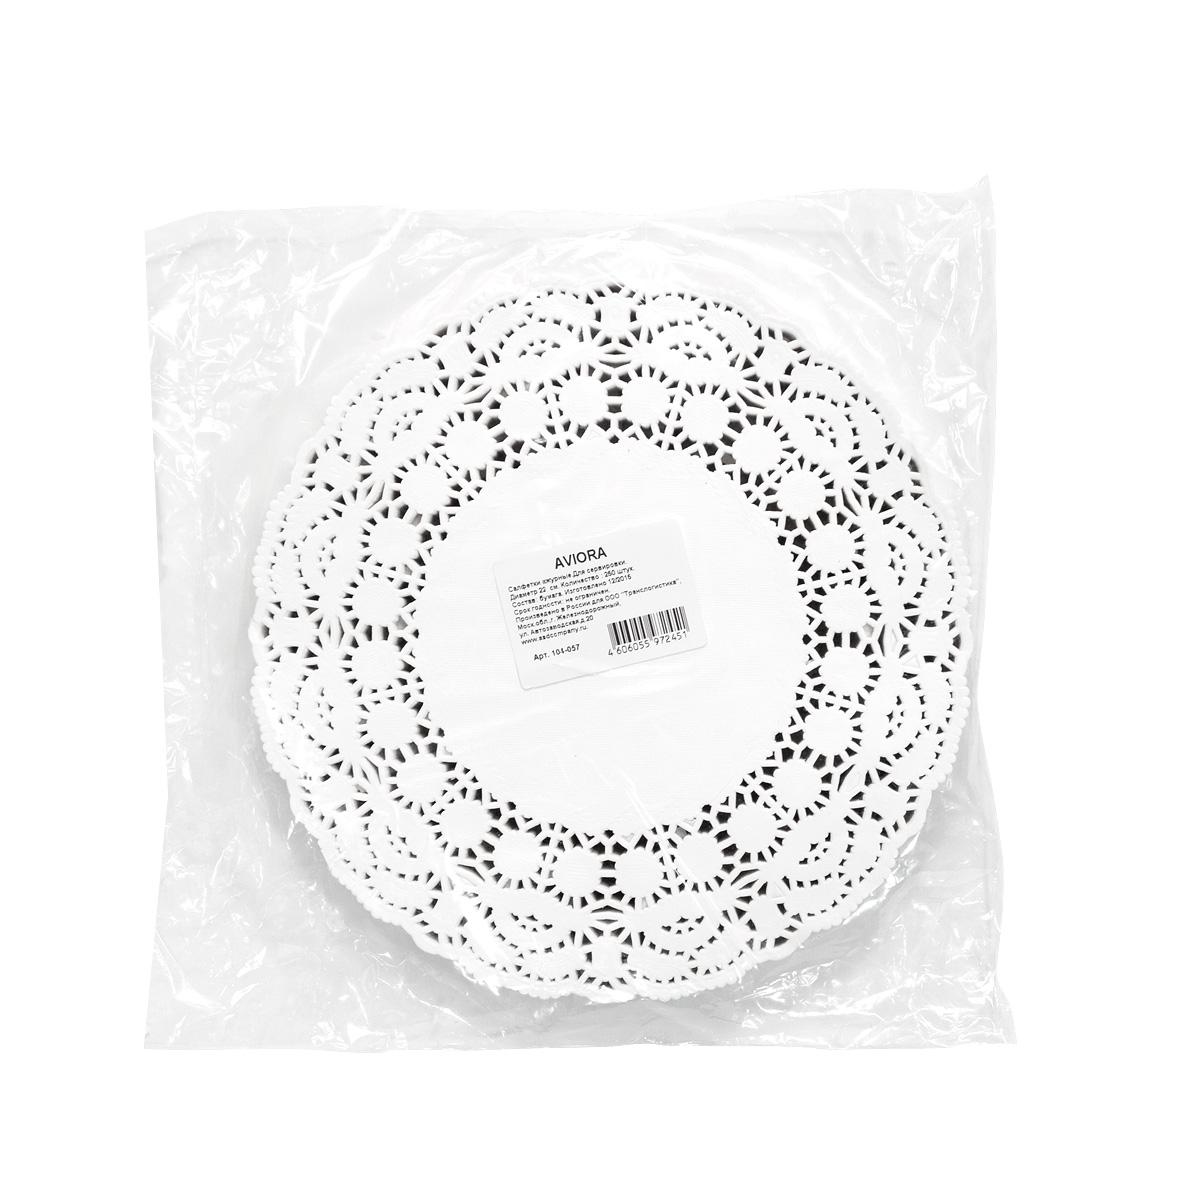 Салфетки бумажные Aviora, ажурные, диаметр 22 см, 250 шт104-057 Произведены в России безопасные при контакте с пищей изысканный узор по контуру салфетокПредназначены для сервировки стола.Используются для красивой подачи тортов и пирожных. Оригинально смотрятся столовые приборы. Небольшие диаметры используются для подачи чая / кофе.